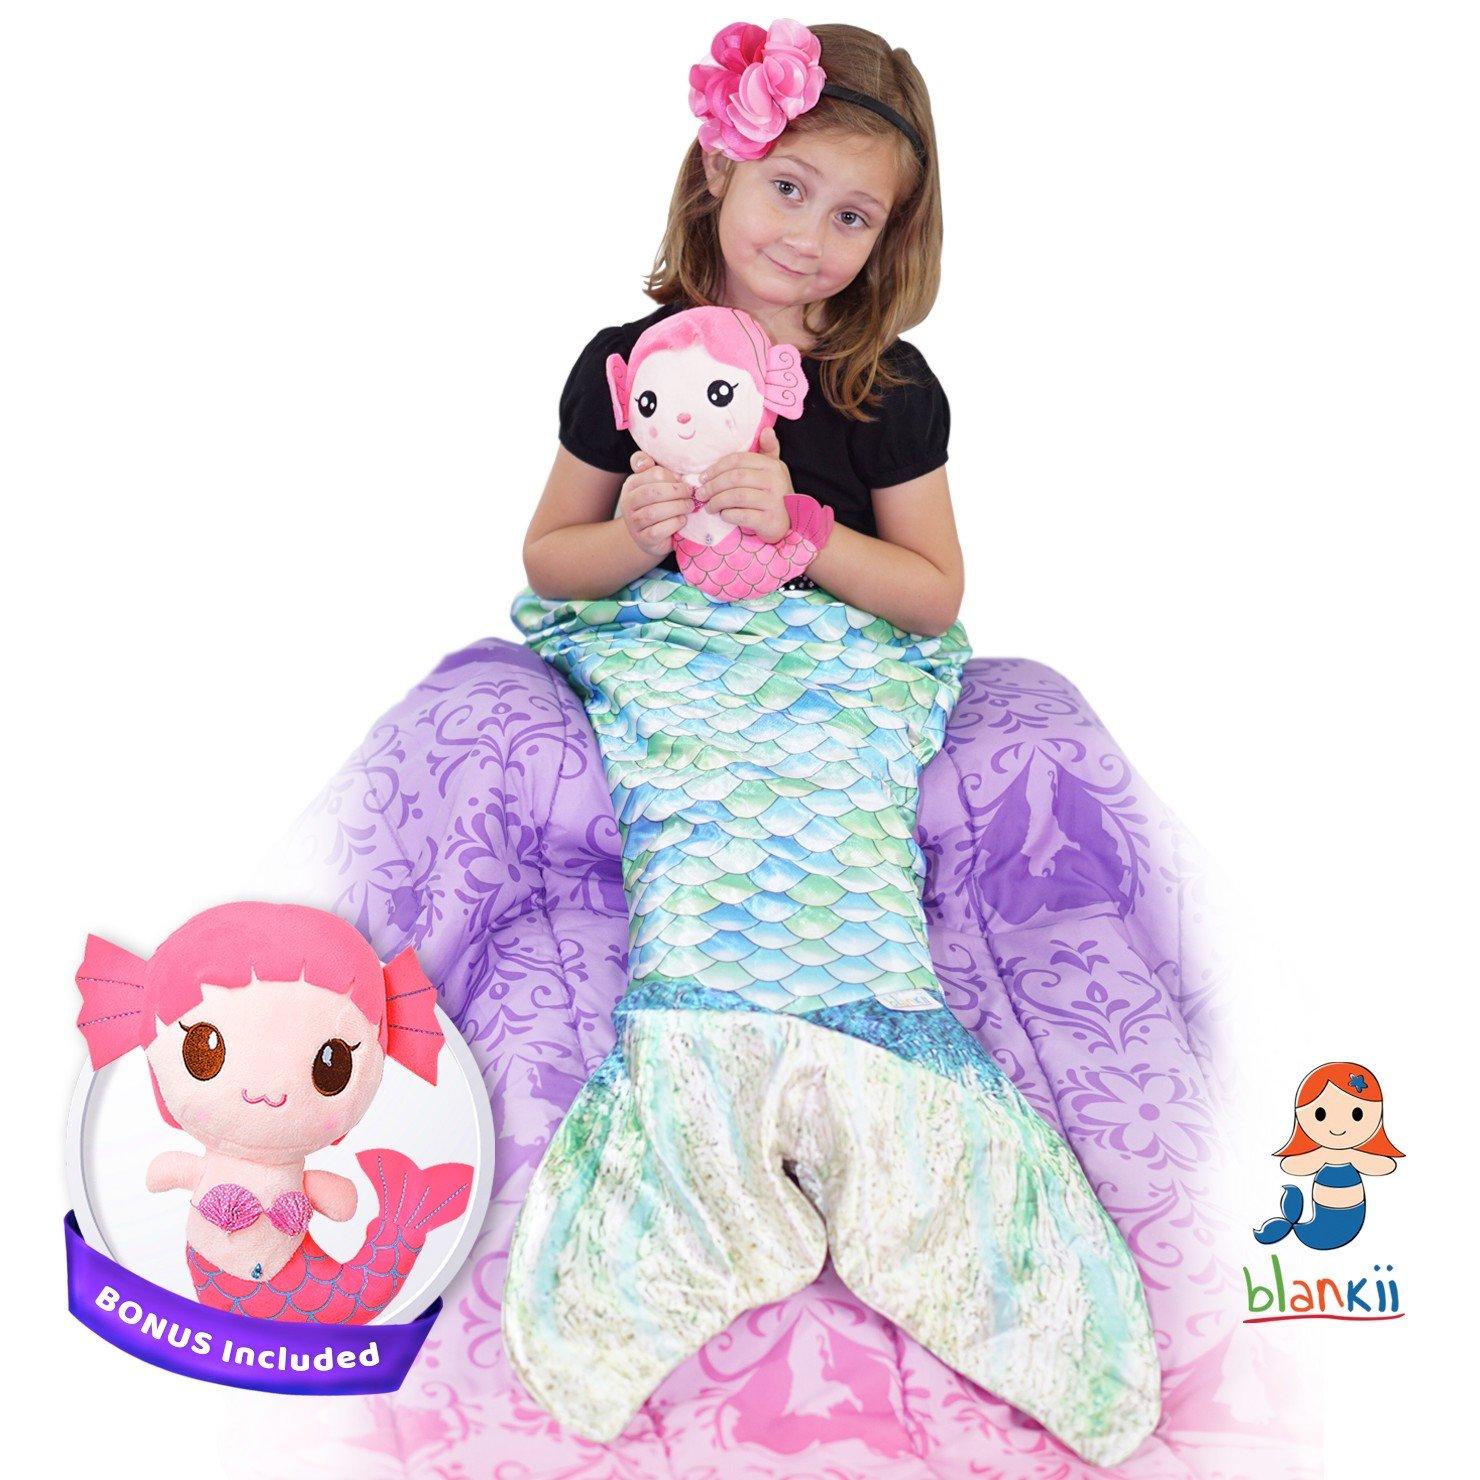 amazon com blankii kids mermaid tail blanket soft minky fleece